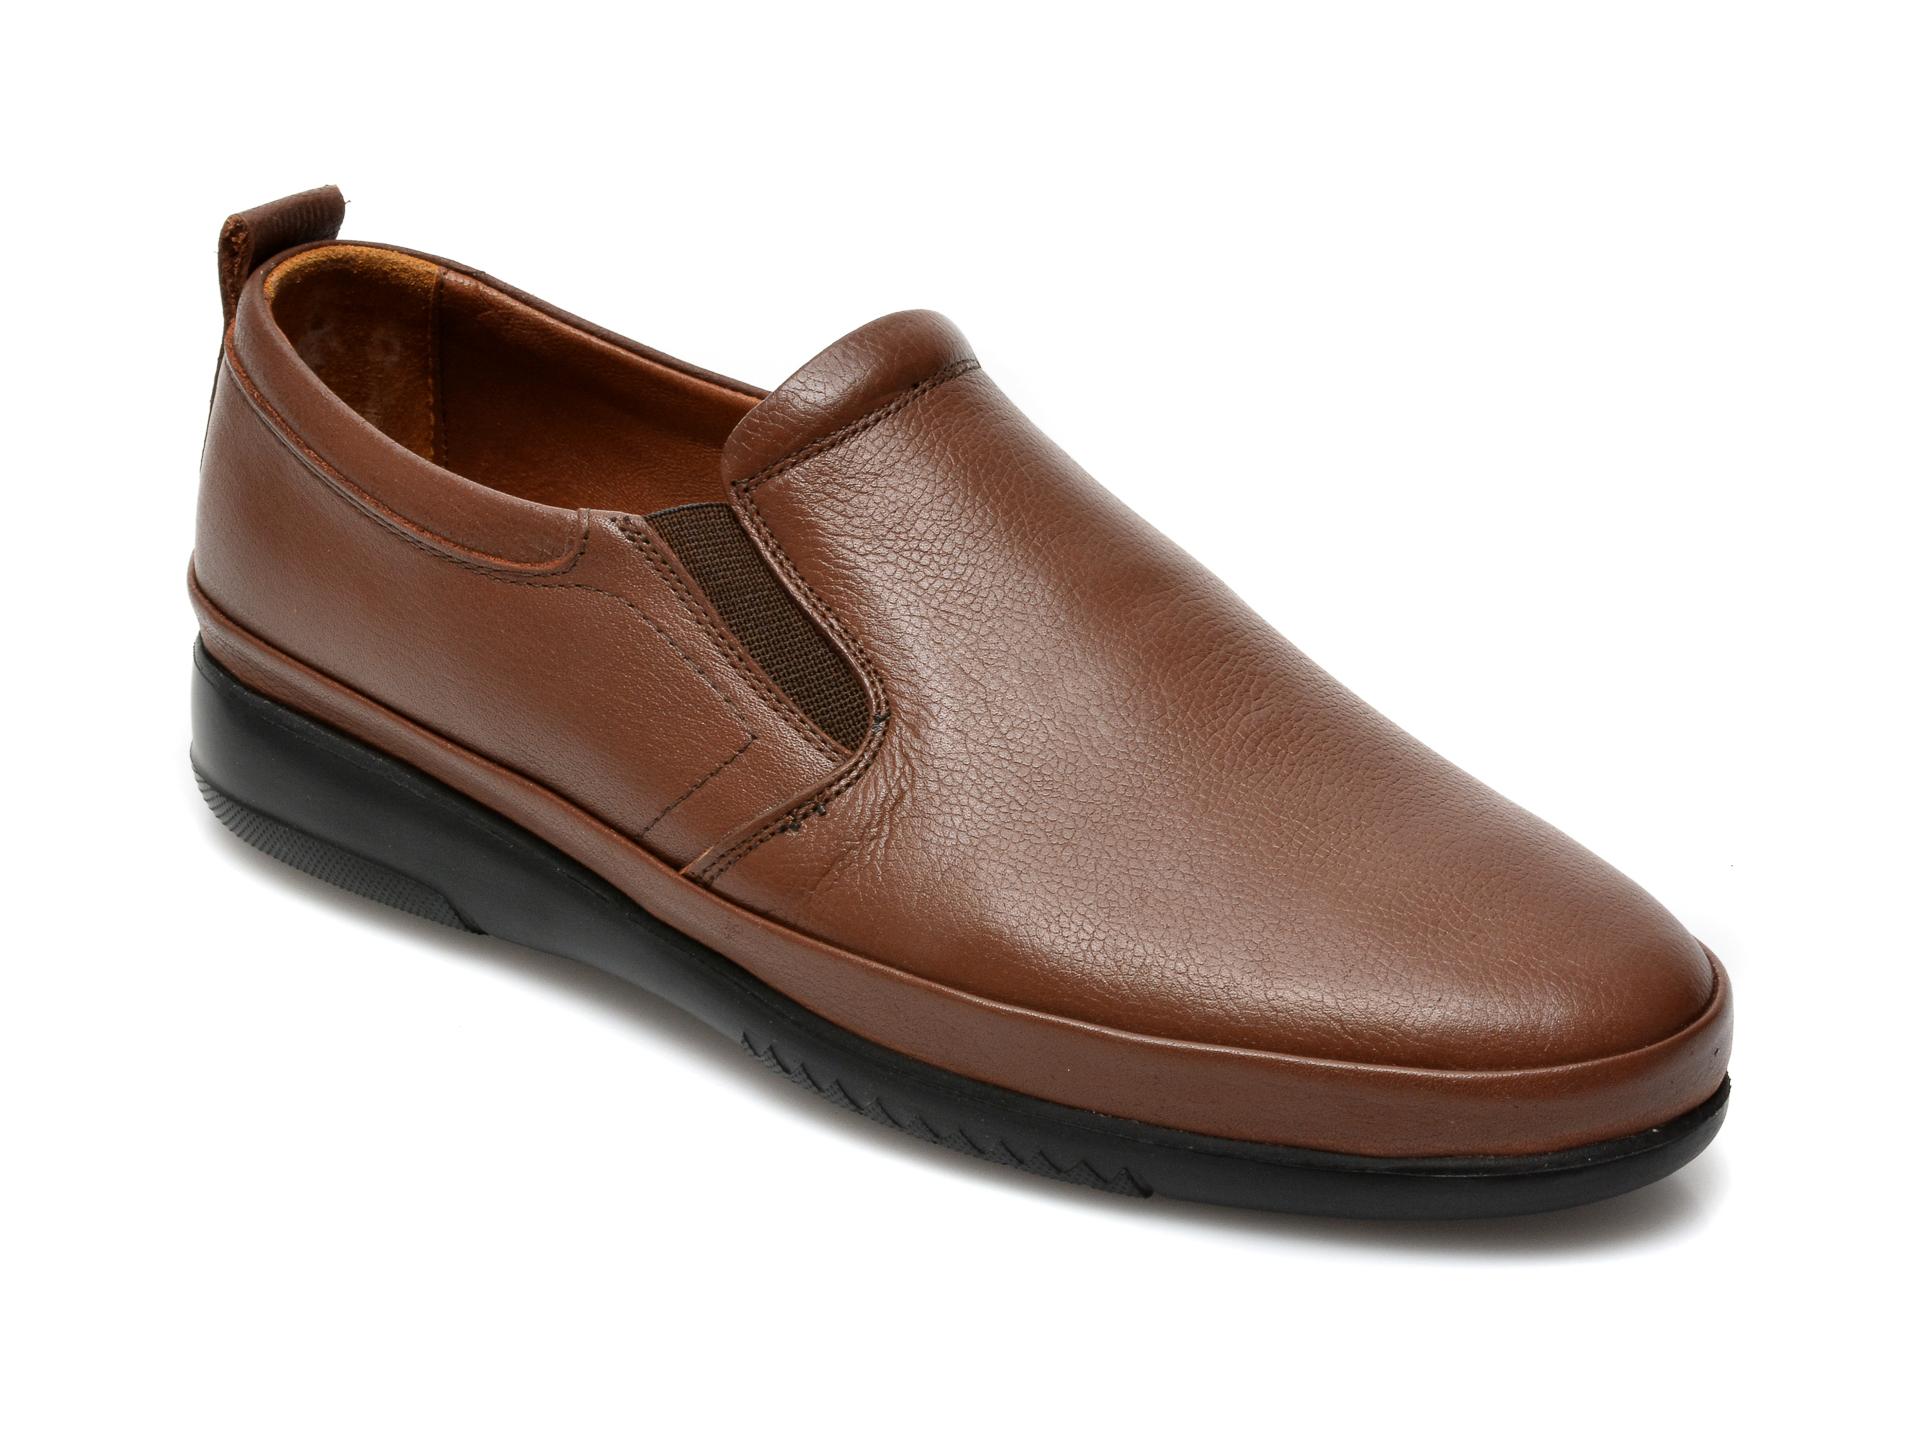 Pantofi OTTER maro, M5741, din piele naturala imagine otter.ro 2021